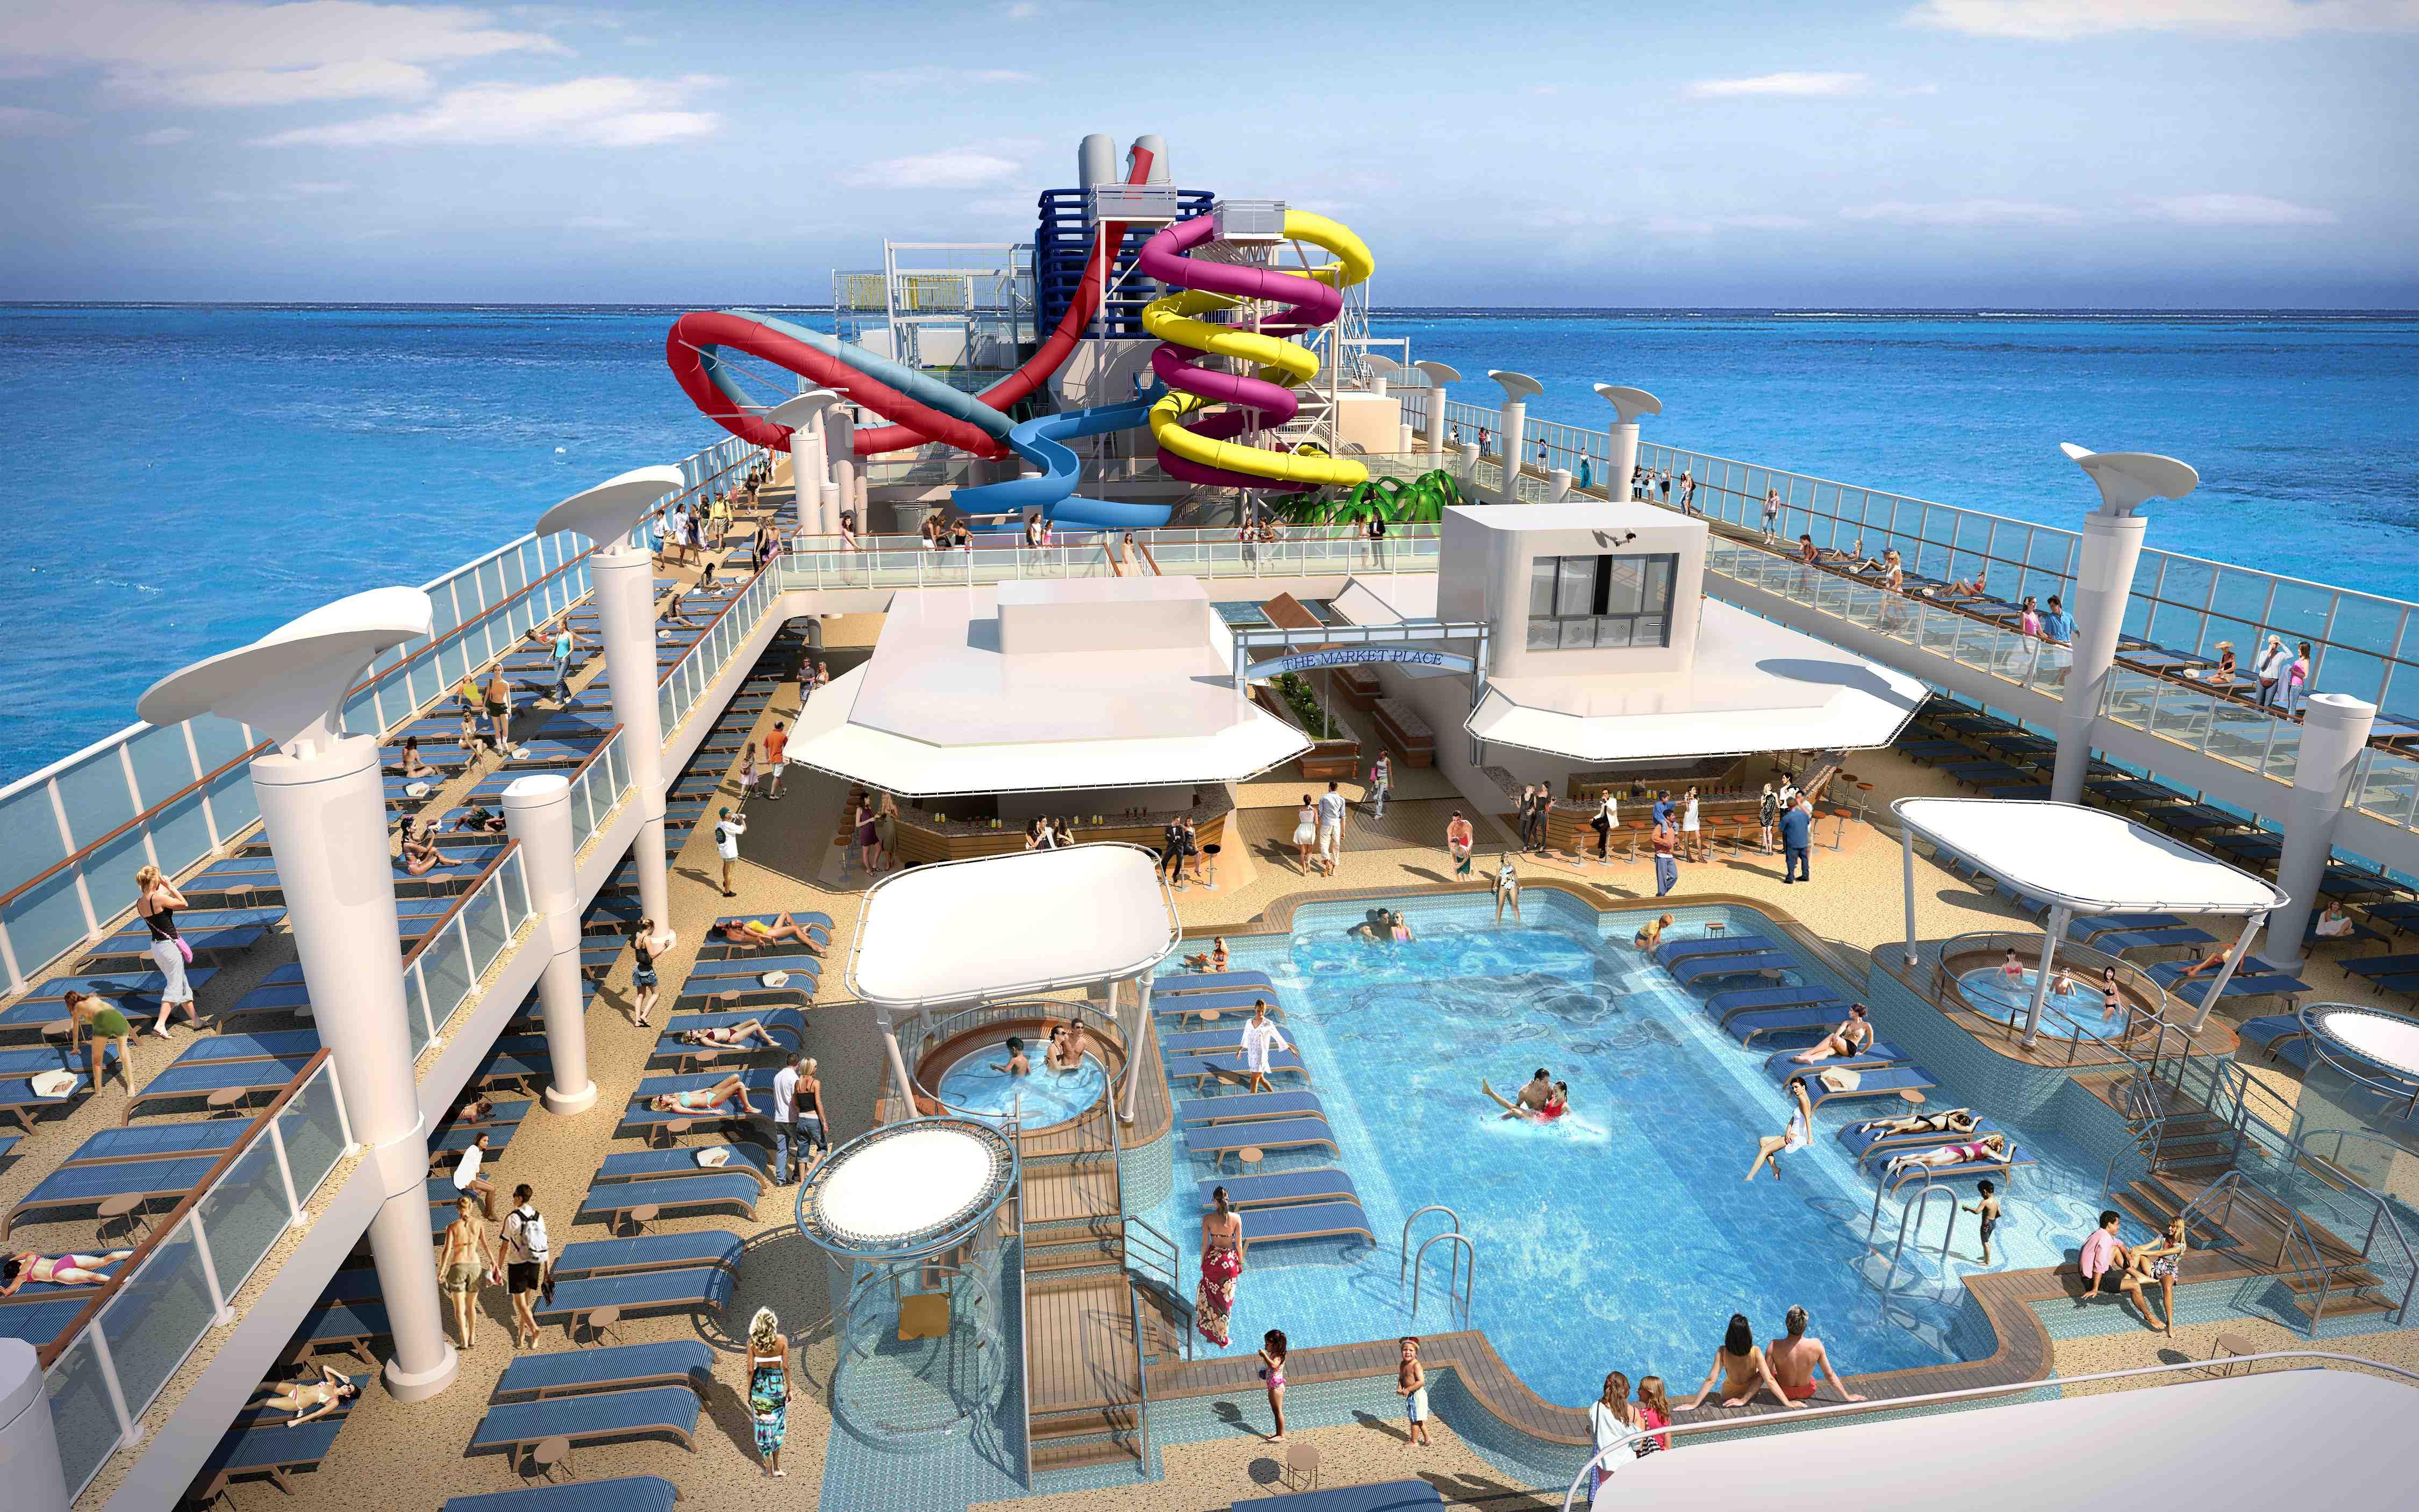 Crucero NCL toboganes y piscina